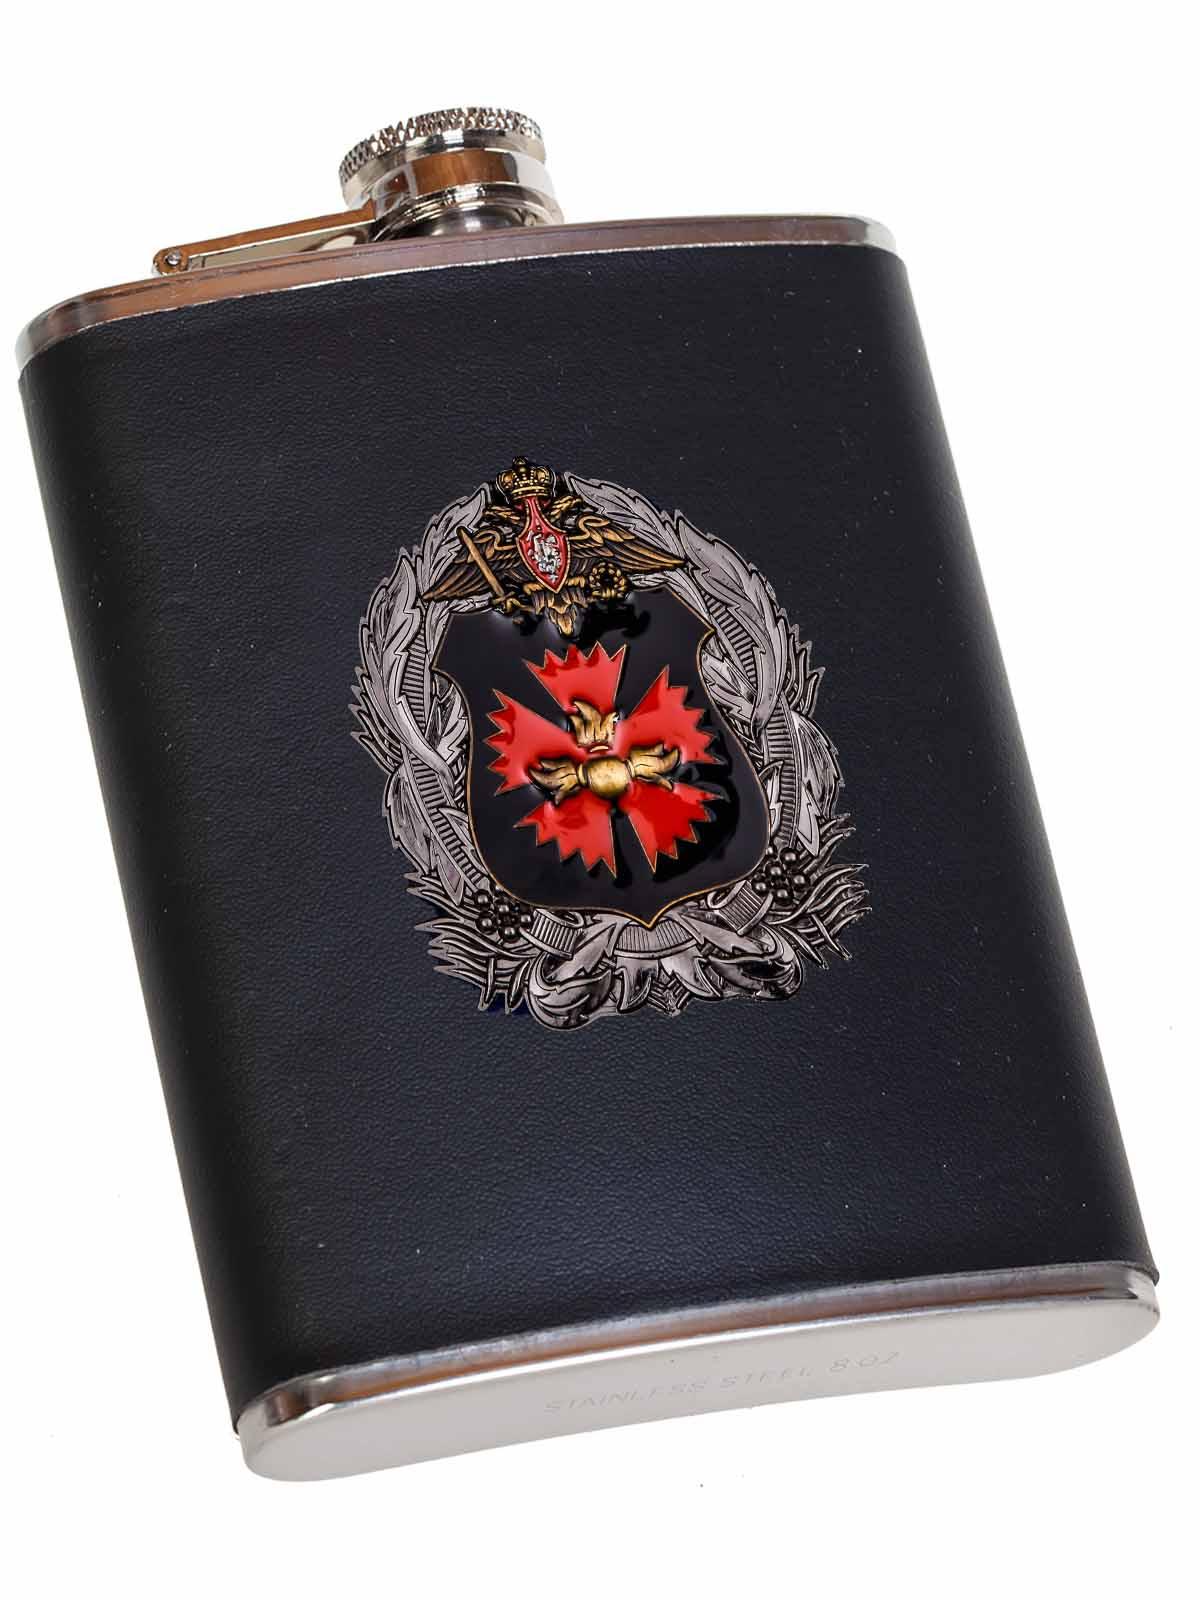 Классическая фляжка в чехле с эмблемой ГУ Генерального штаба ВС РФ - в Военпро